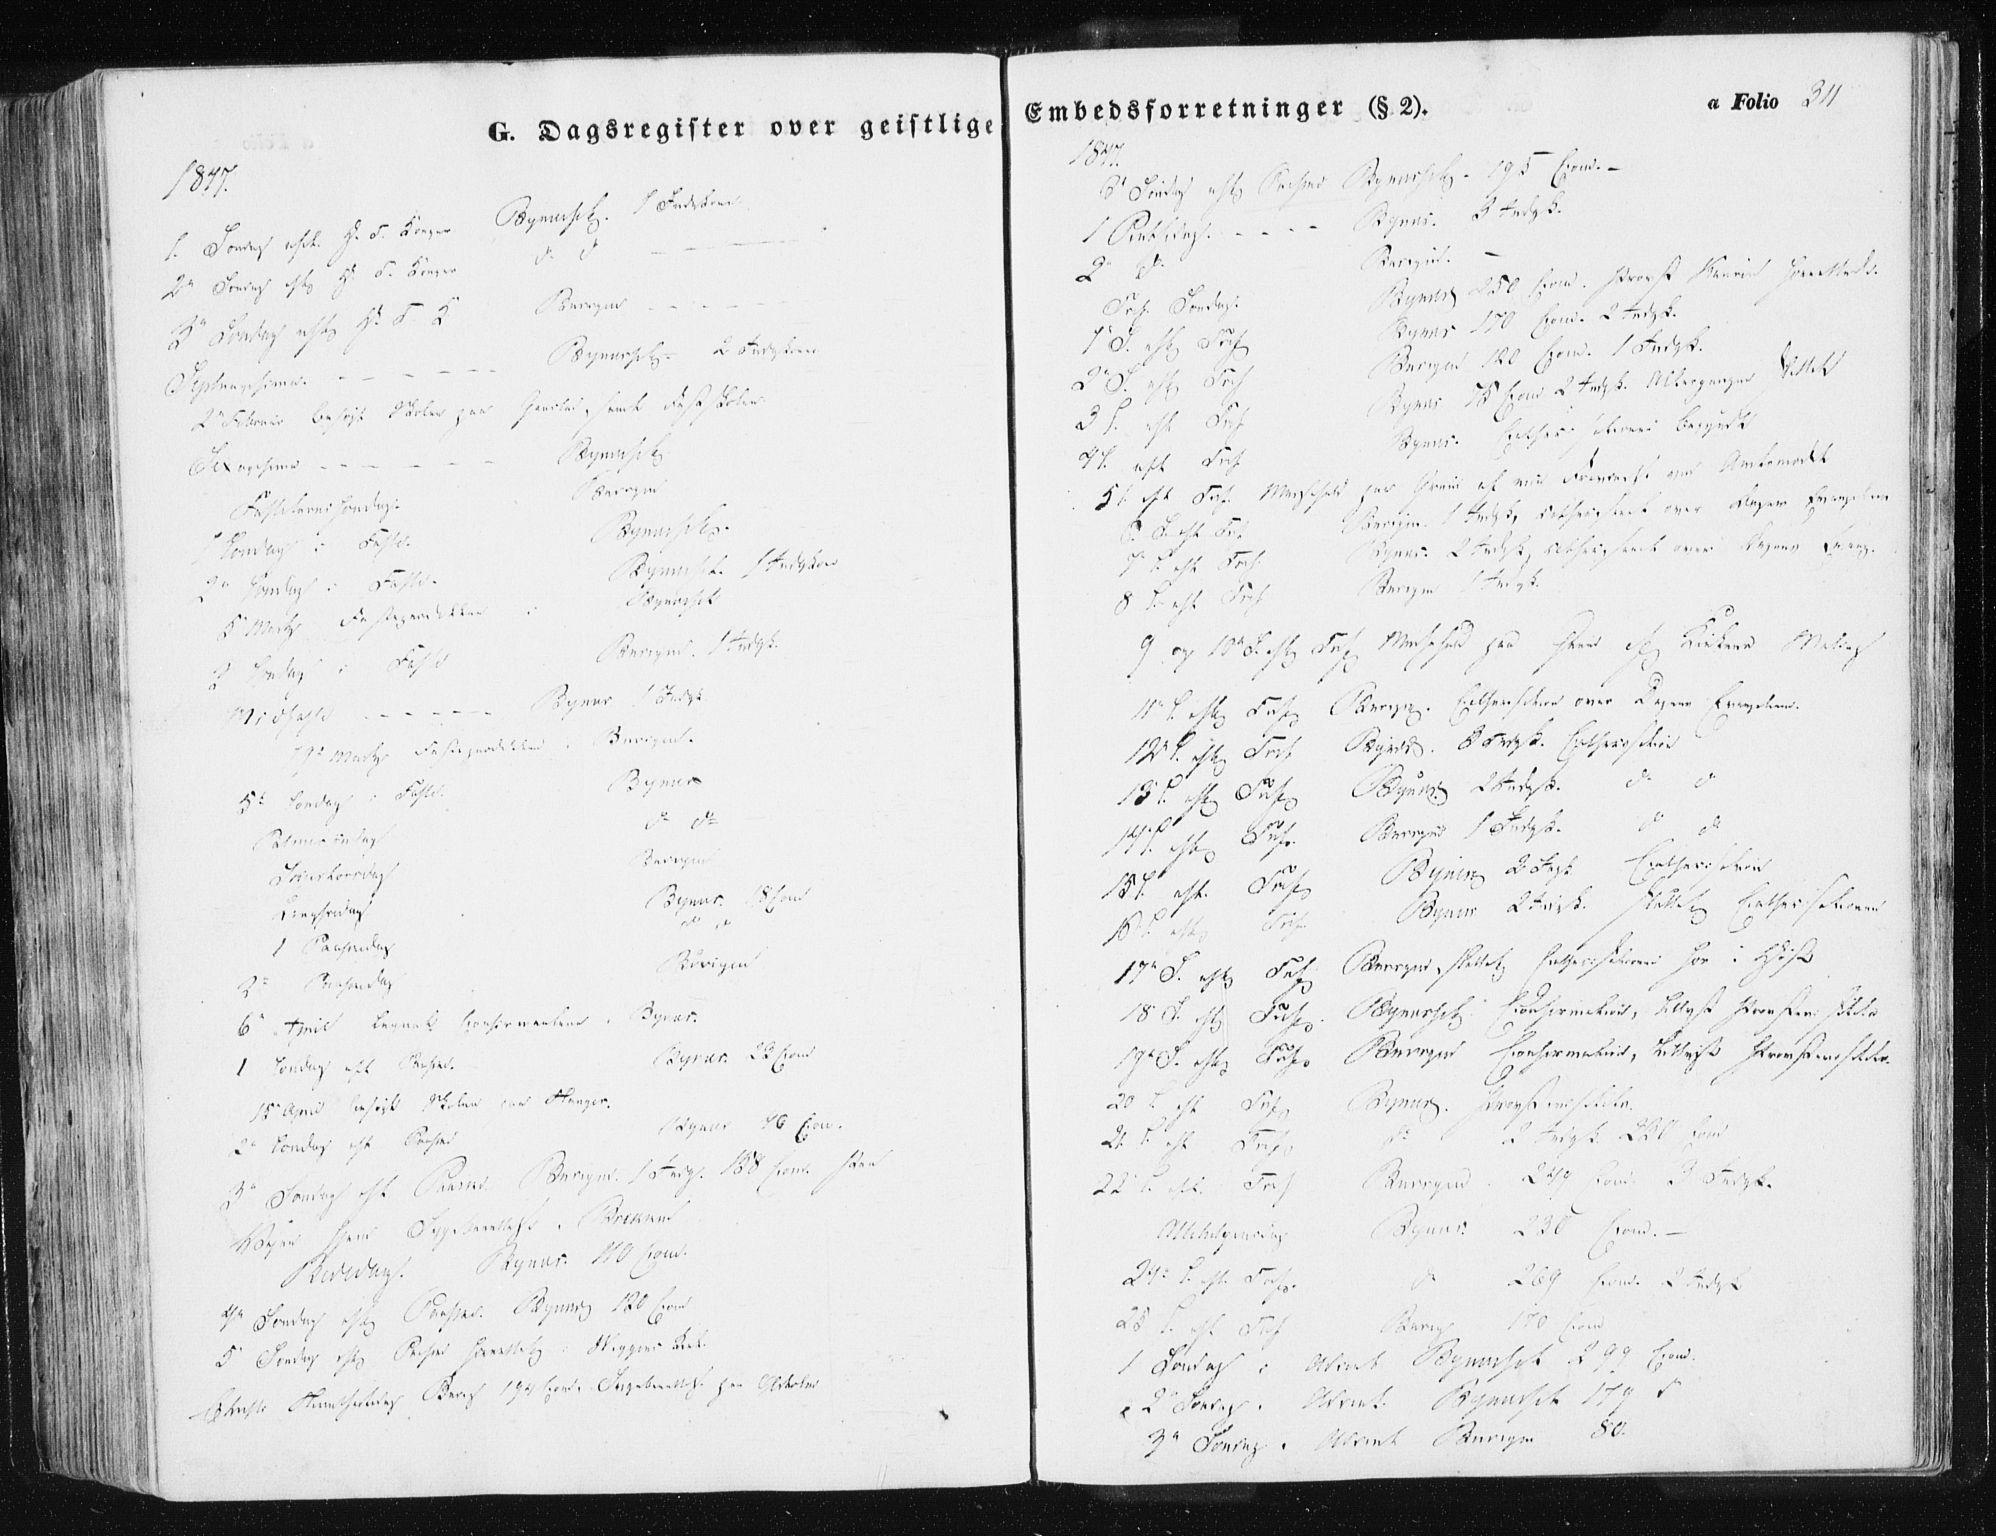 SAT, Ministerialprotokoller, klokkerbøker og fødselsregistre - Sør-Trøndelag, 612/L0376: Ministerialbok nr. 612A08, 1846-1859, s. 311